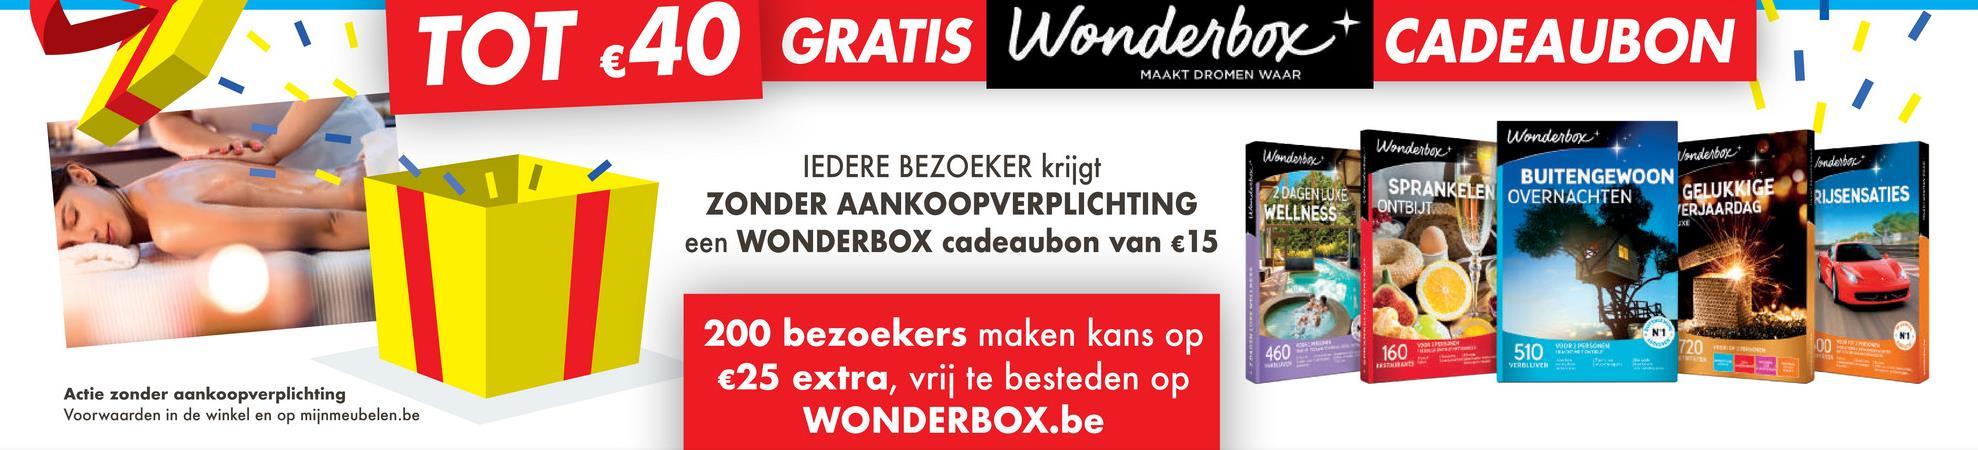 TOT €40 GRATIS Wonderbox + CADEAUBON MAAKT DROMEN WAAR Wonderbo denbor* Mondello IEDERE BEZOEKER krijgt ZONDER AANKOOPVERPLICHTING een WONDERBOX cadeaubon van €15 Wonderboxe + Wonderbore SPRANKELEN OVERNACHTEN BUITENGEWOON GELUKKIGE ONTBIJT. ERJAARDAG 2 DAGEN LUXE WELLNESS RIJSENSATIES A om 160E 510 VERBUCH 200 bezoekers maken kans op €25 extra, vrij te besteden op WONDERBOX.be Actie zonder aankoopverplichting Voorwaarden in de winkel en op mijnmeubelen.be